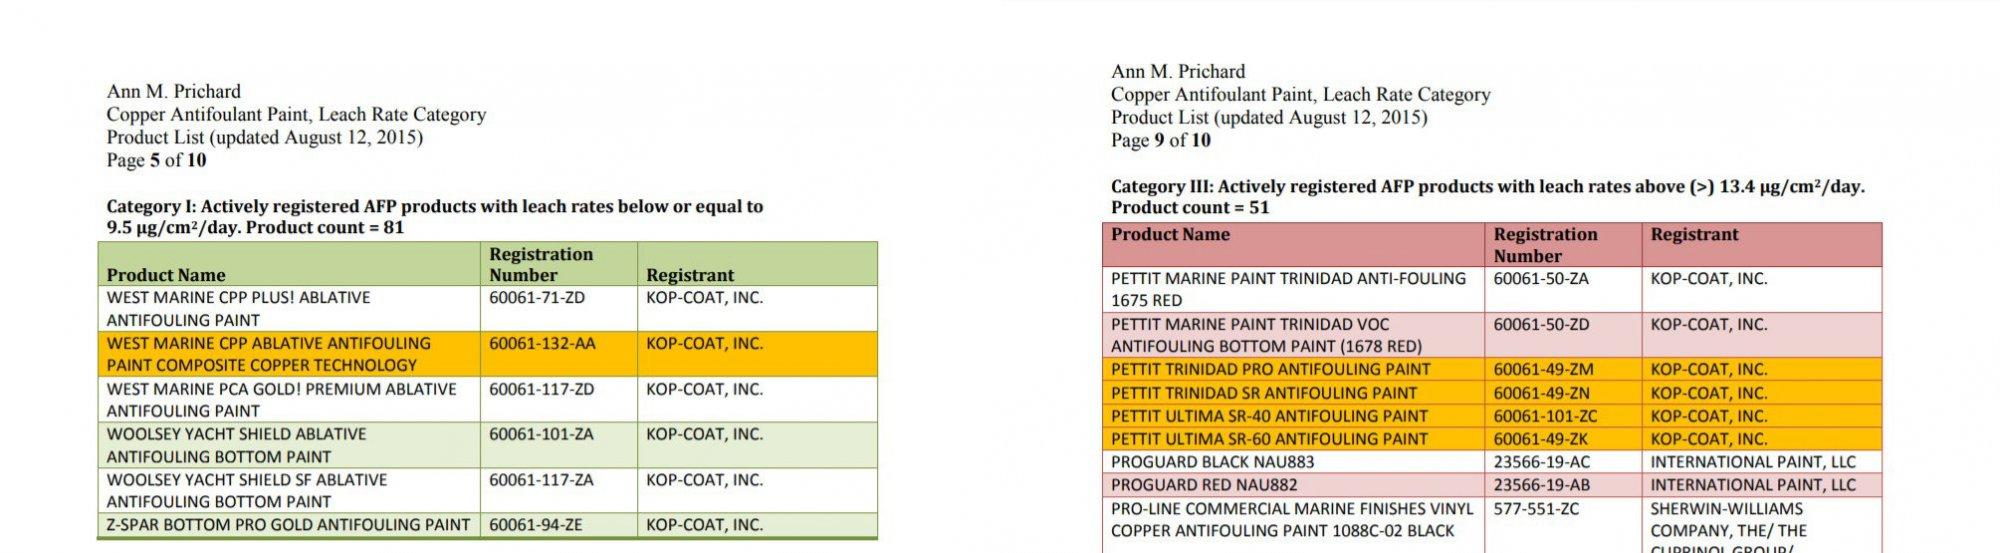 copper leach rate comparison.jpg